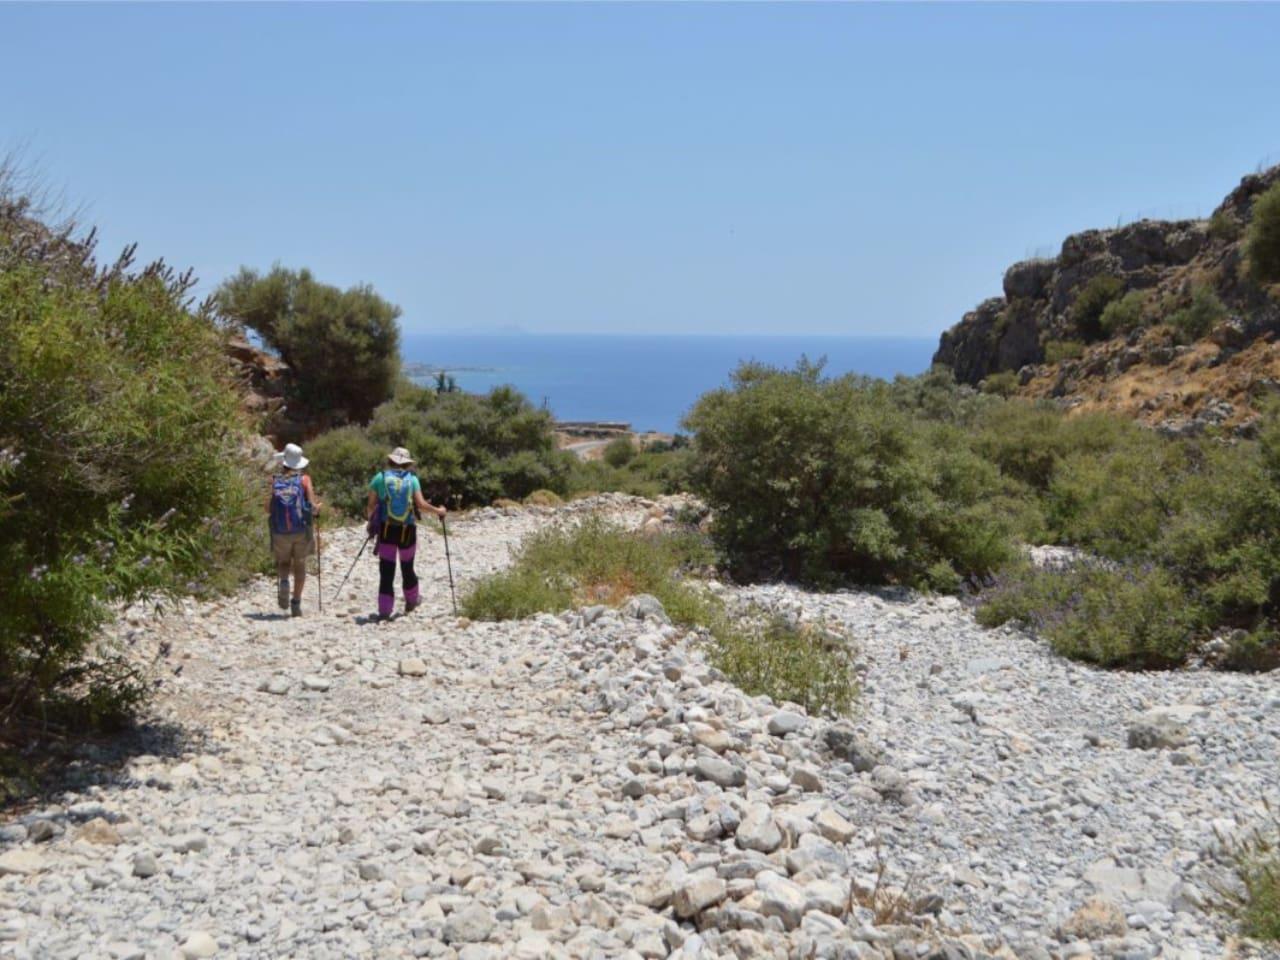 Full-Day Guided Hiking Trip Imbros Gorge, hiking trip Marmara Marble Beach, hiking trip chania crete, trekking hiking sfakia loutro, e4 european path hiking crete, activities chania crete, best activity chania crete